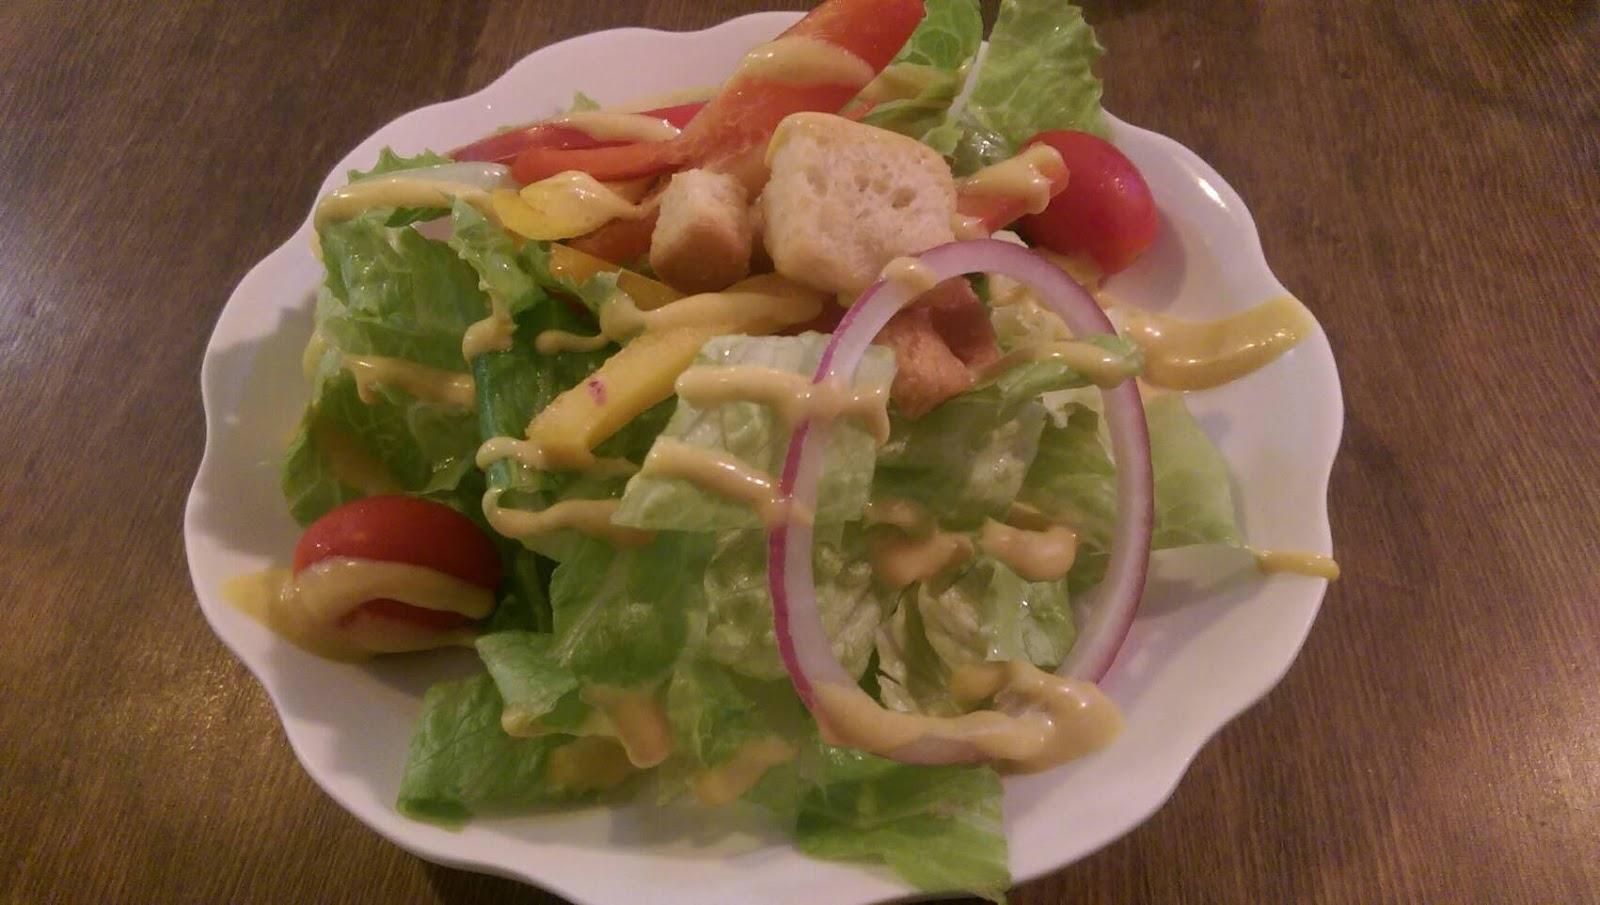 【台北公館美食推薦】 好吃早午餐,恰巴提尼+帕尼尼  Chelsea's雀兒小餐館